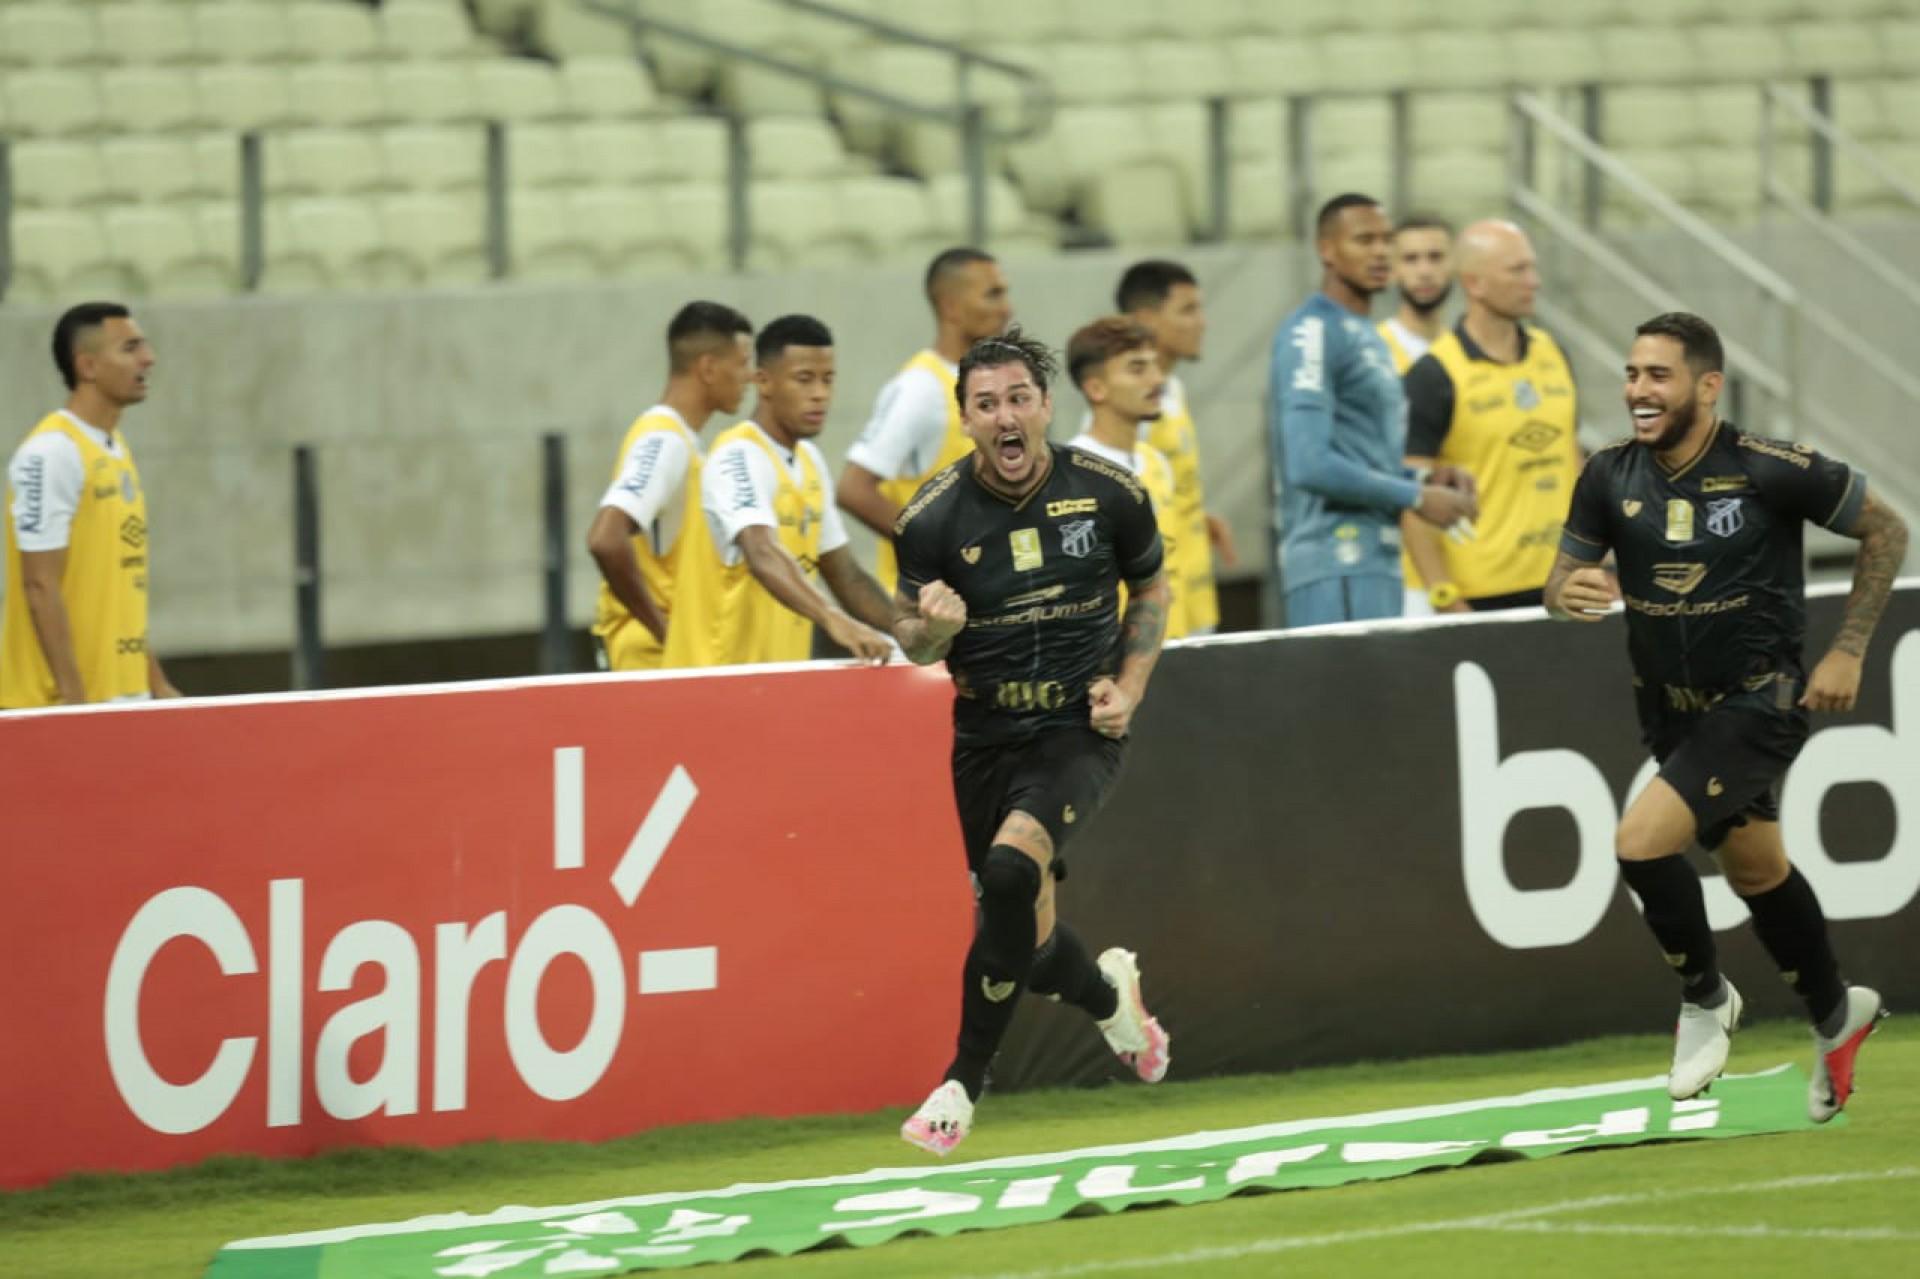 Meia Vina comemora gol do Ceará Sporting Club contra o Santos Futebol Clube, na Arena Castelão, pela Copa do Brasil